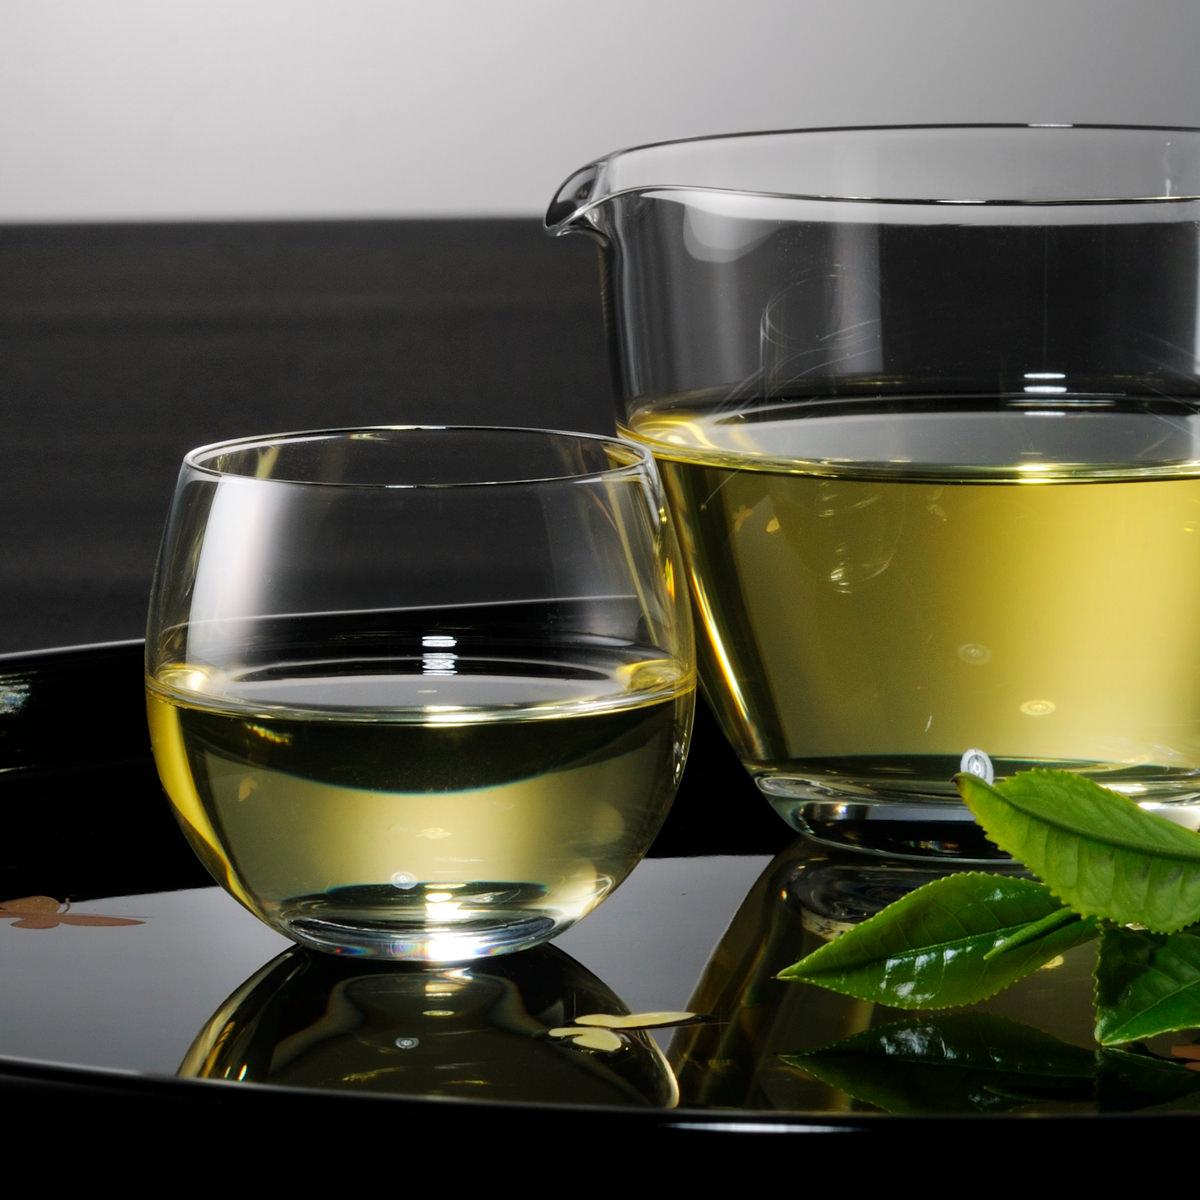 牧之原の雫茶ペットボトル 〔500ml×24〕 静岡県産 お茶 高柳製茶